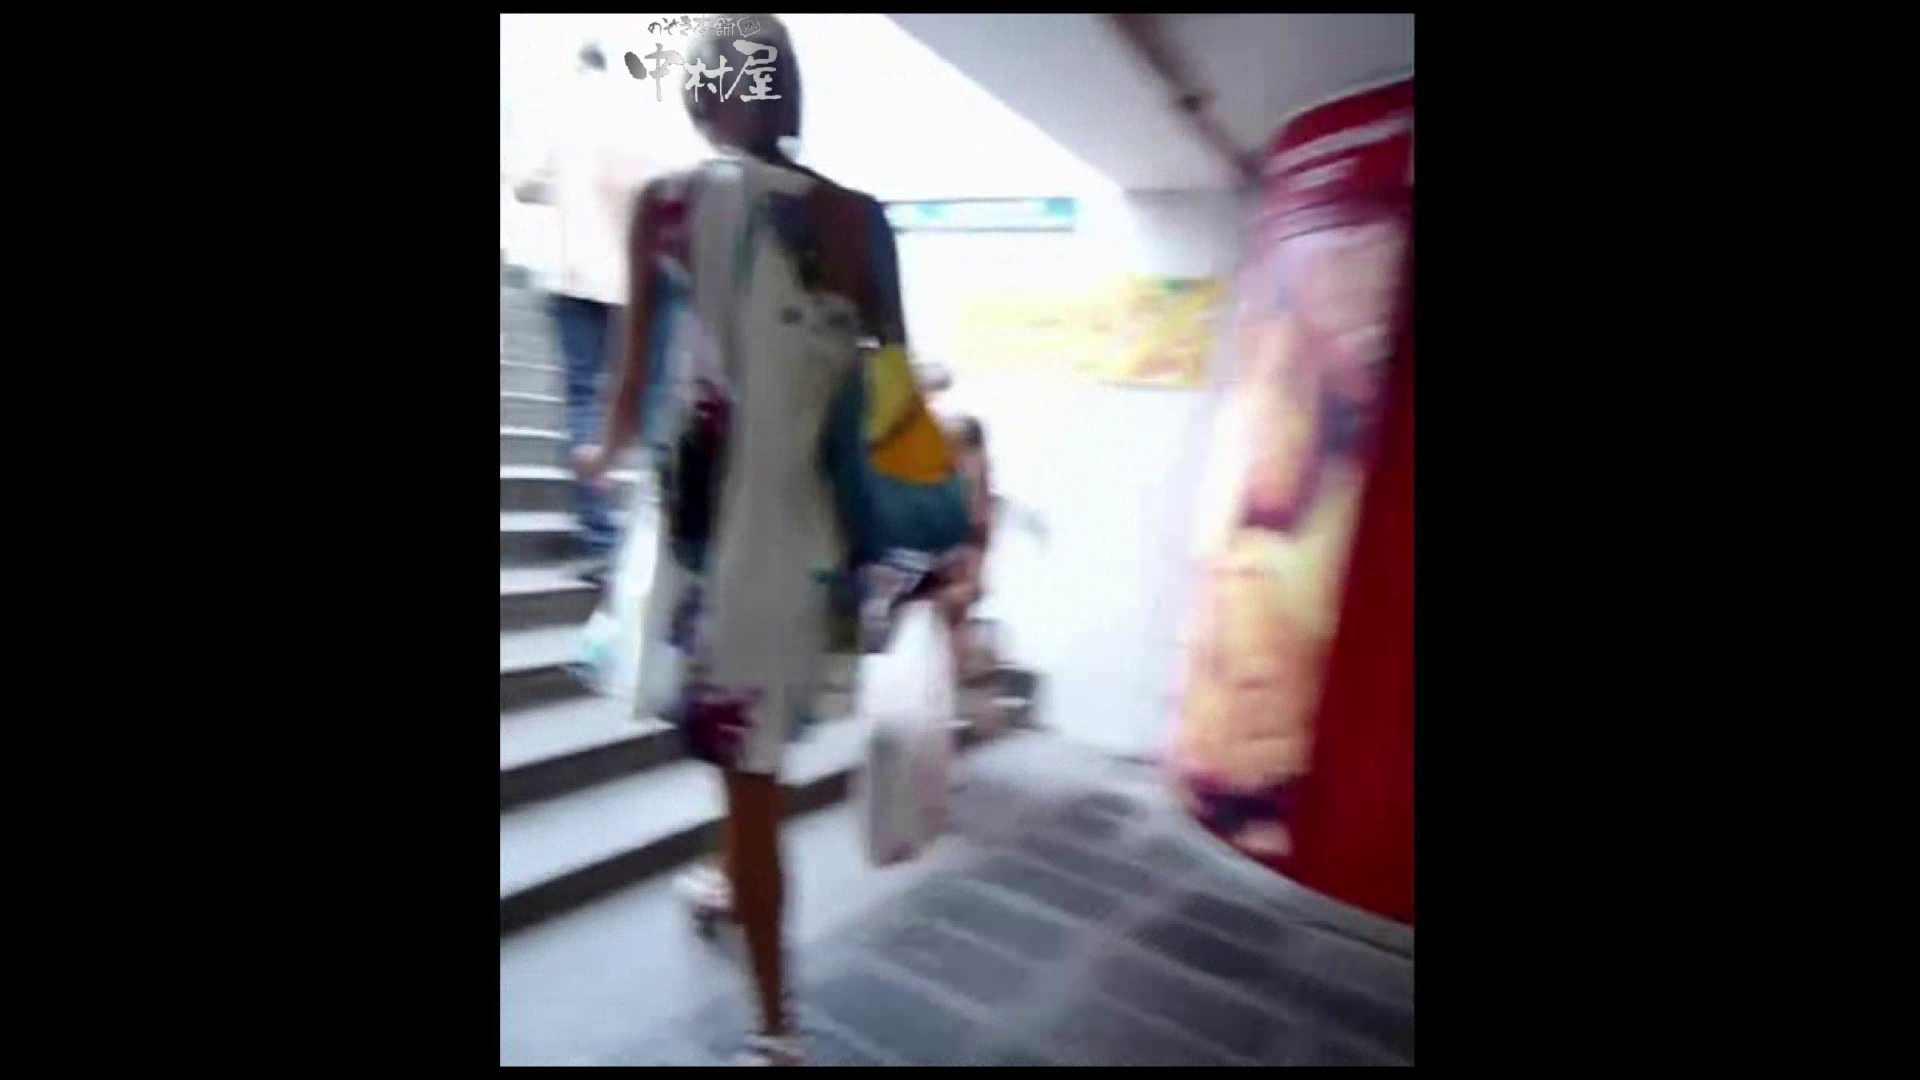 綺麗なモデルさんのスカート捲っちゃおう‼ vol29 お姉さん | モデルのカラダ  10pic 10